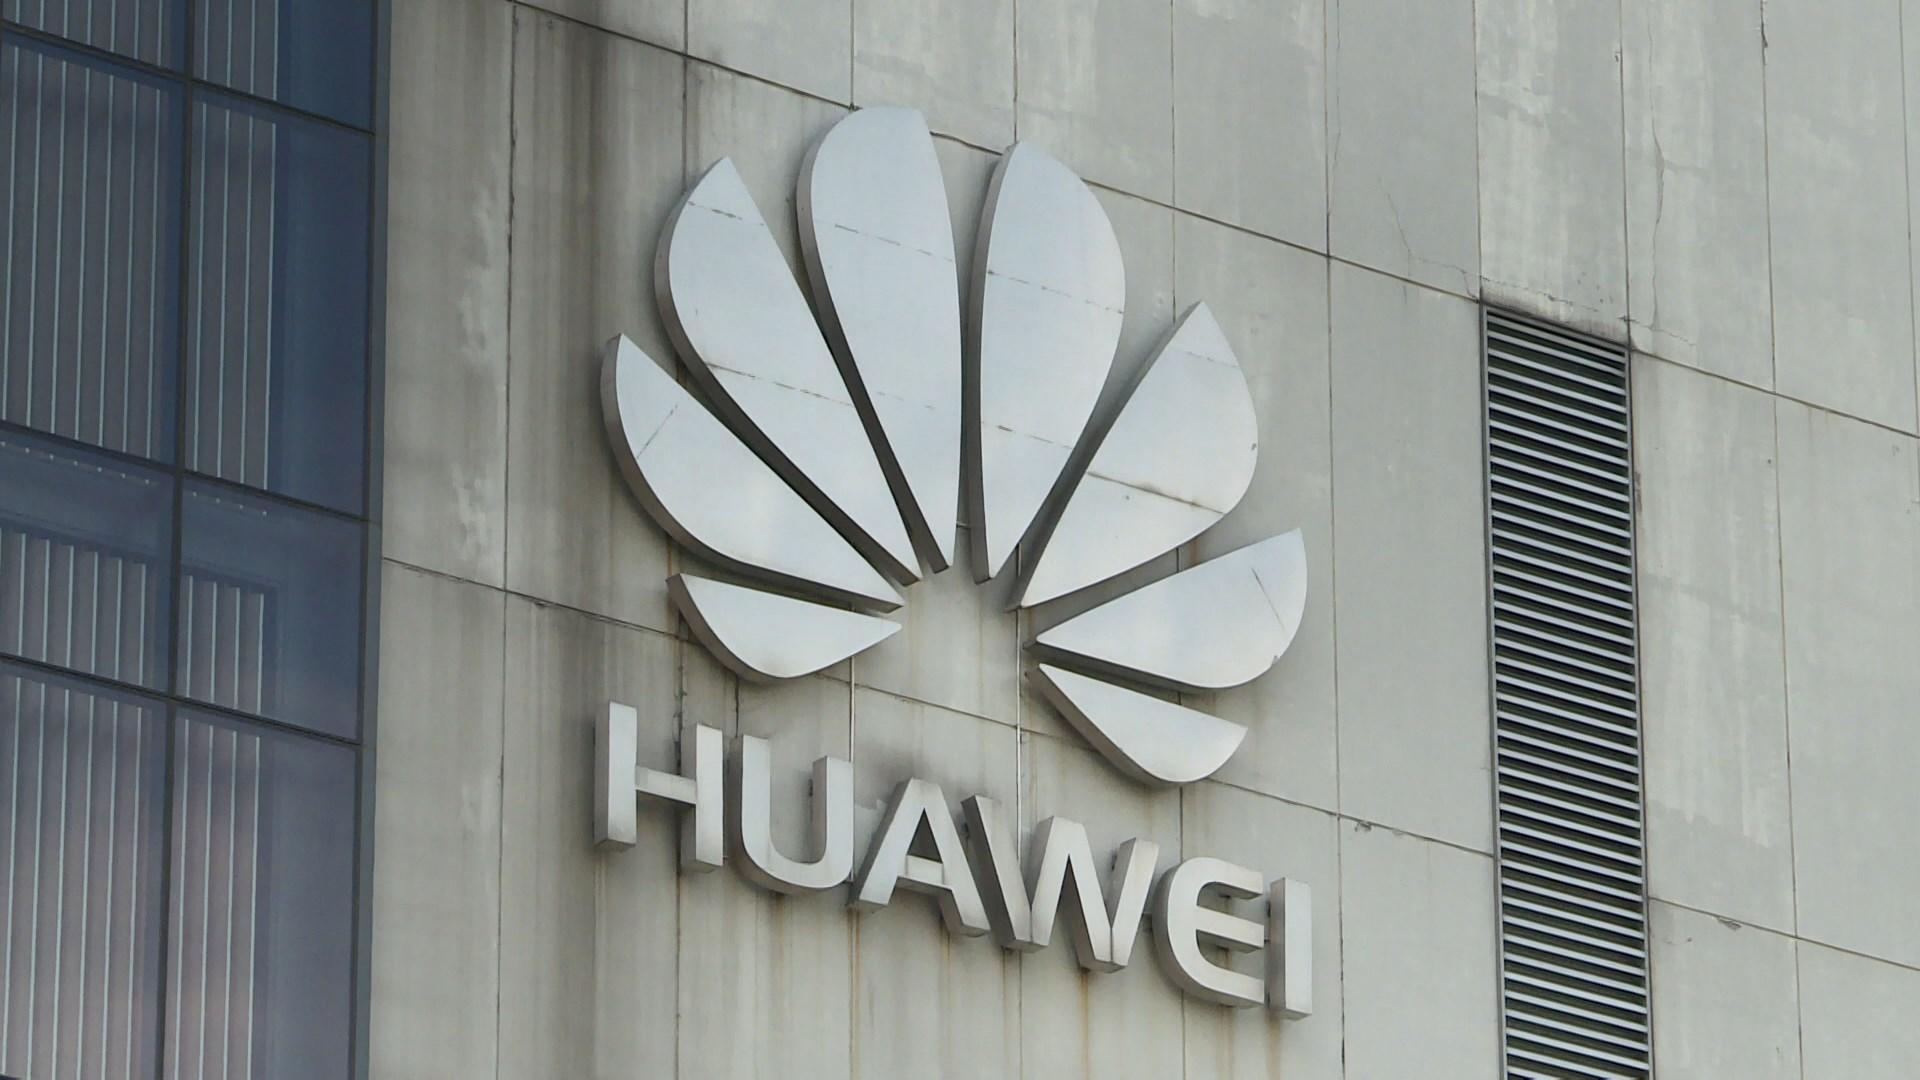 報道指華府要求德國禁止華為參與5G項目